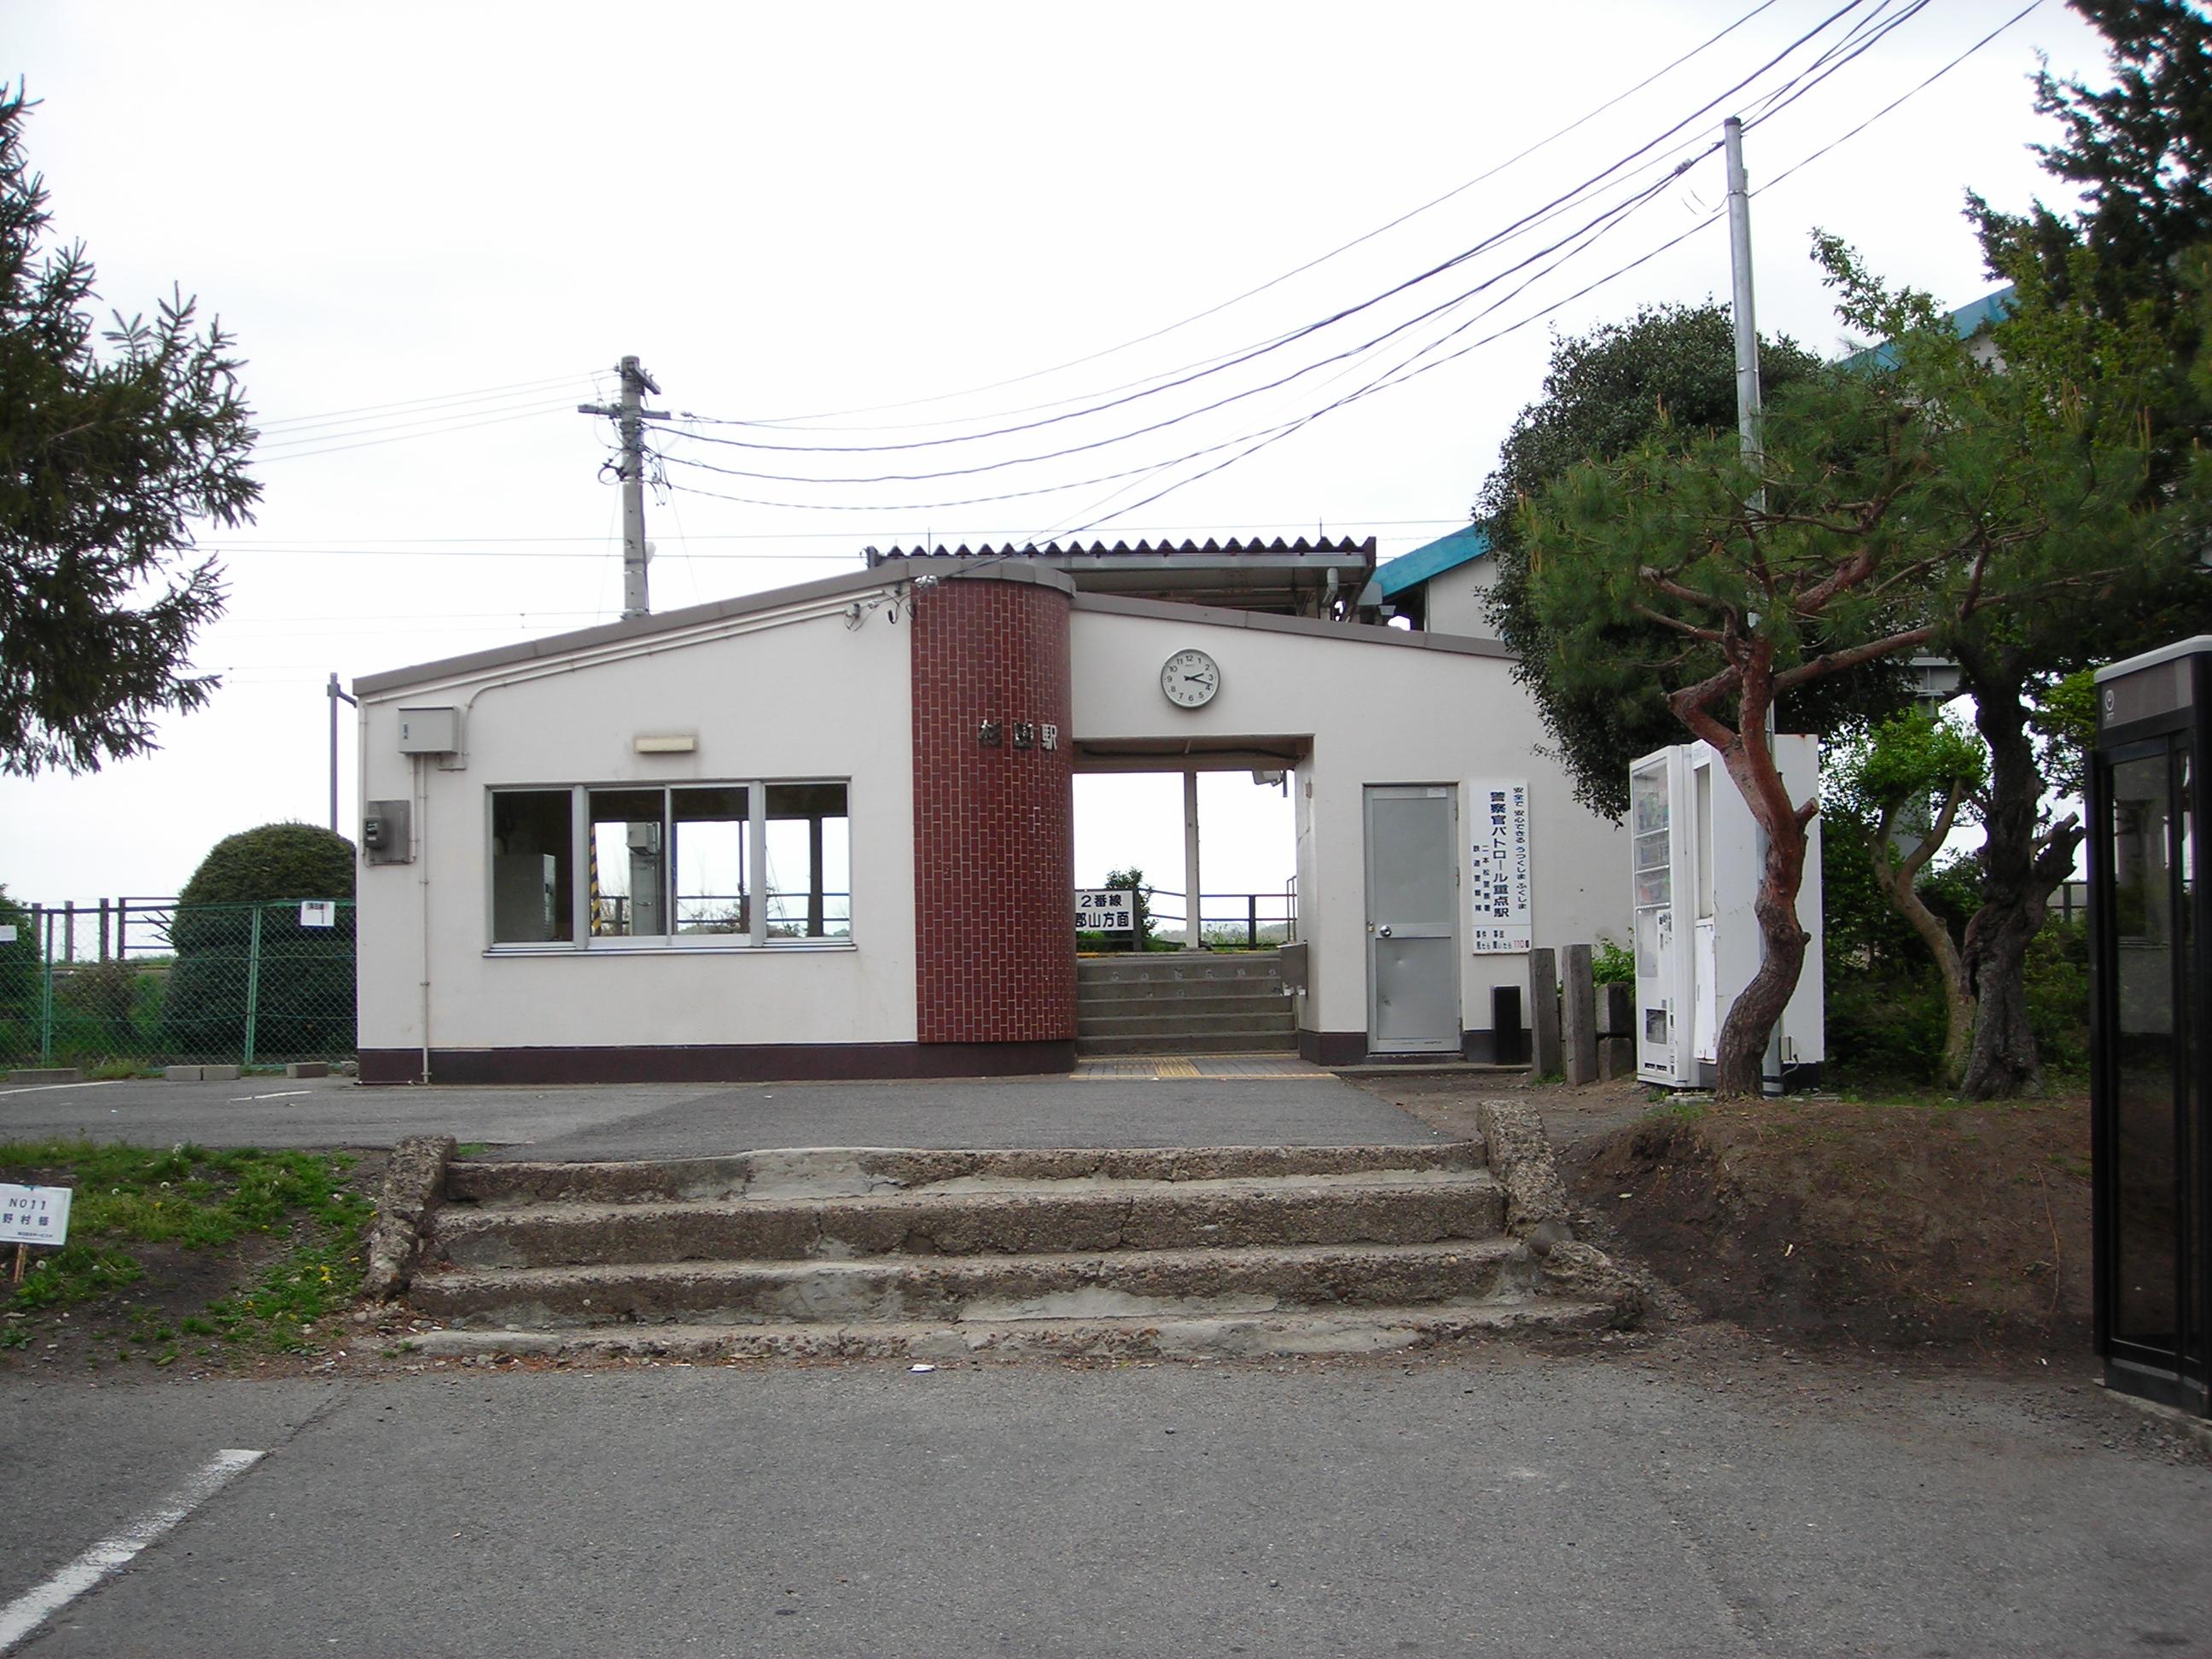 스기타 역 (후쿠시마현)